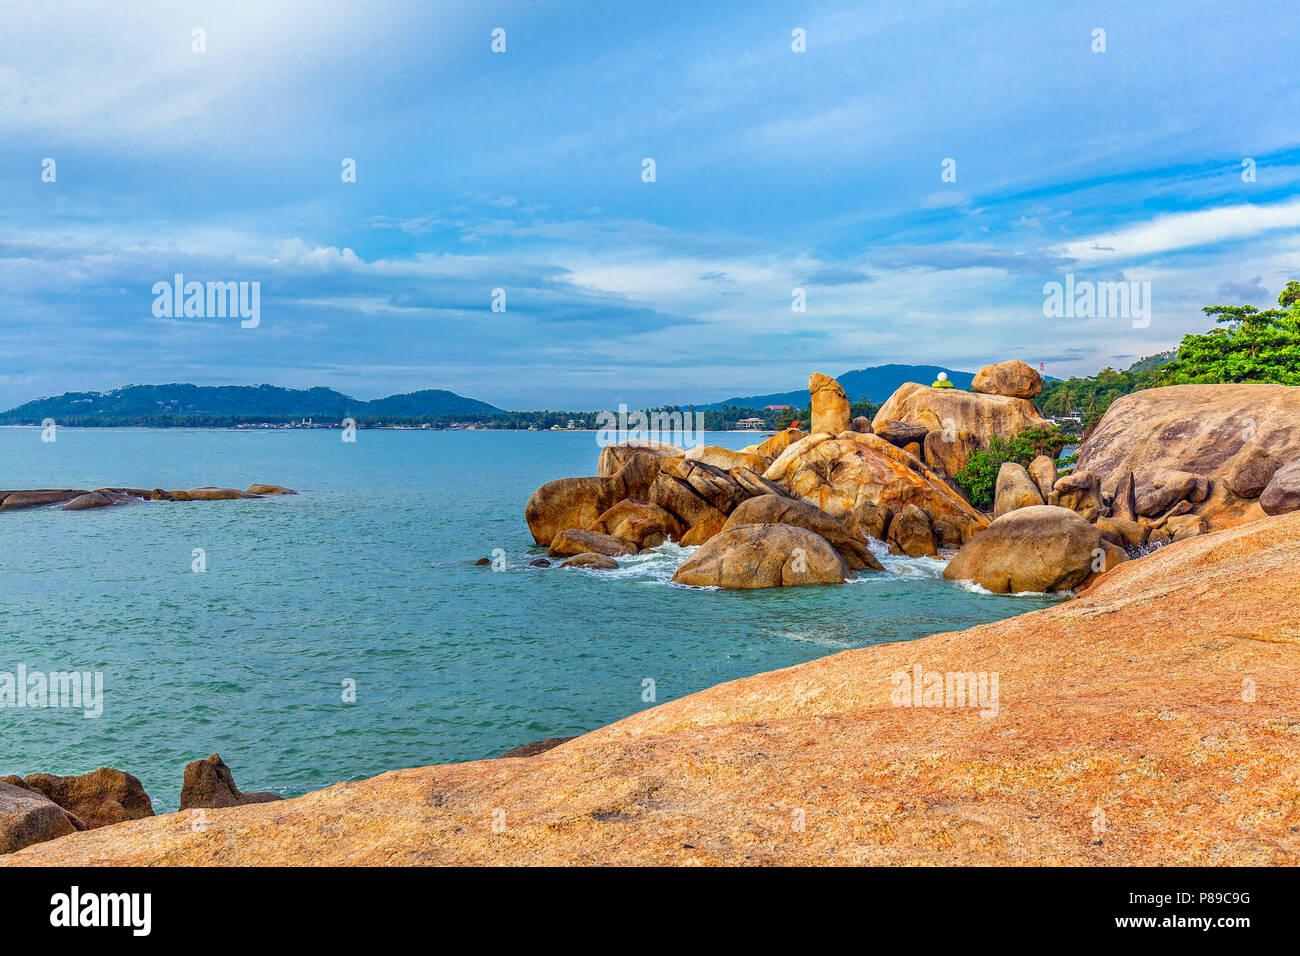 Rochers Hin Ta et Hin Yai. Un lieu célèbre de l'île de Koh Samui en Thaïlande. Photo Stock